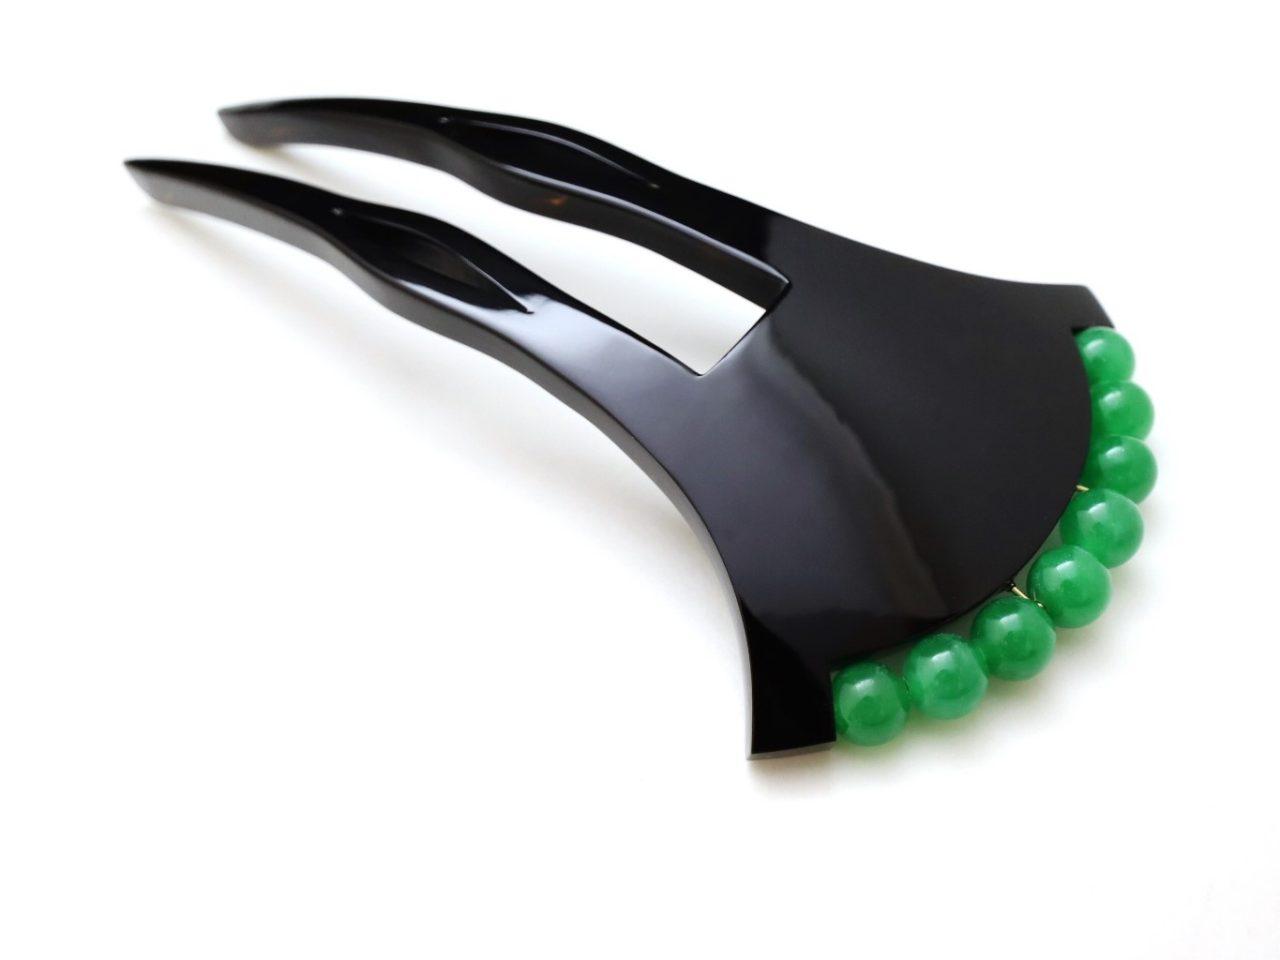 黒べっ甲翡翠かんざし2021 大変希少な翡翠を贅沢に使用した夏におすすめなかんざし。